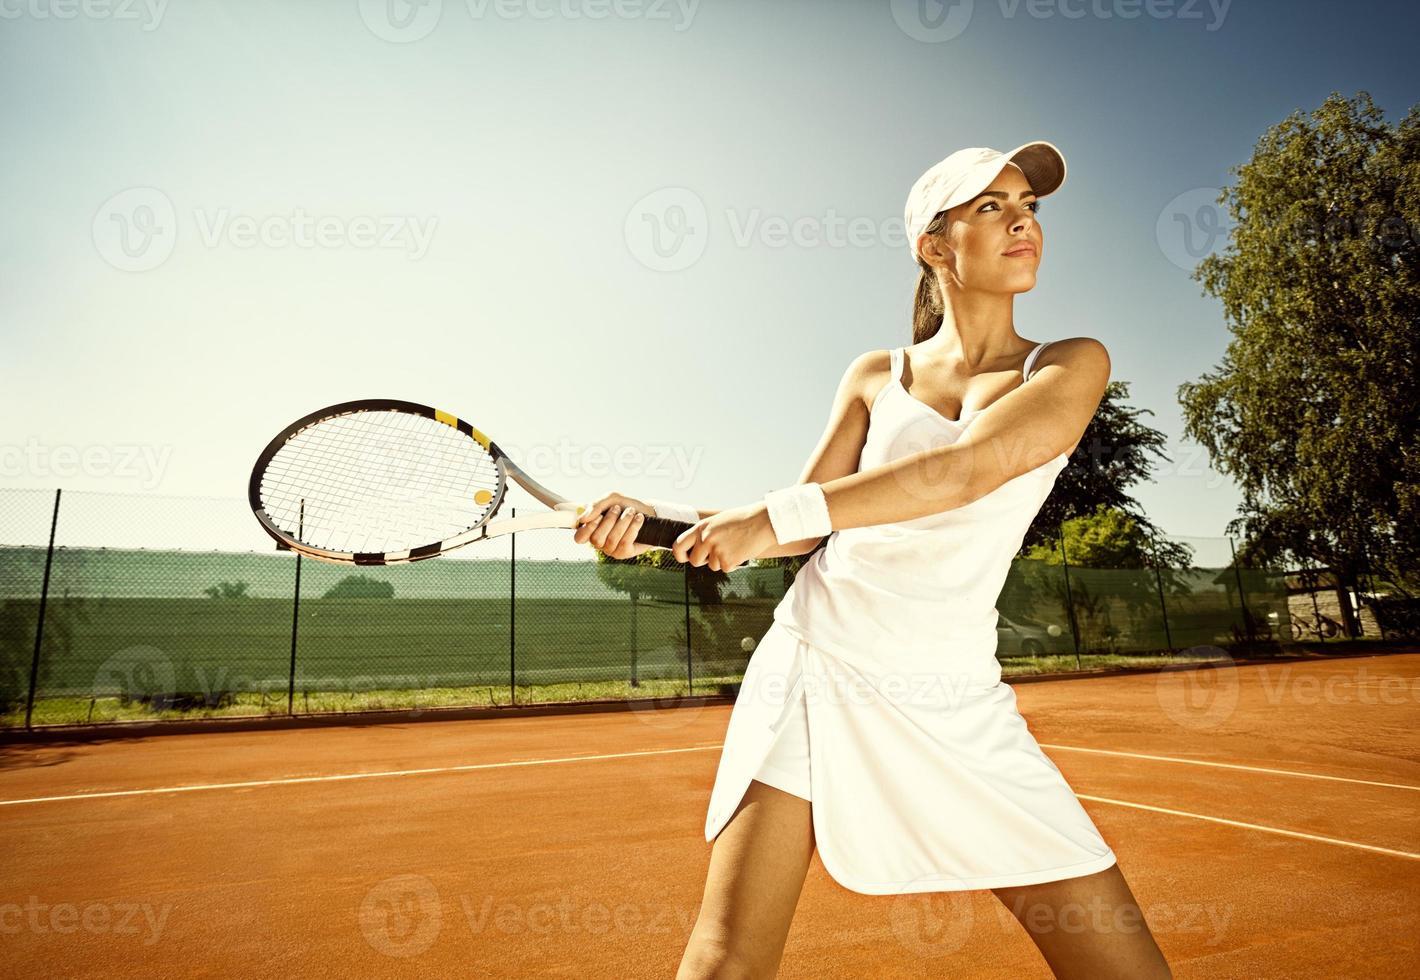 la donna gioca a tennis foto